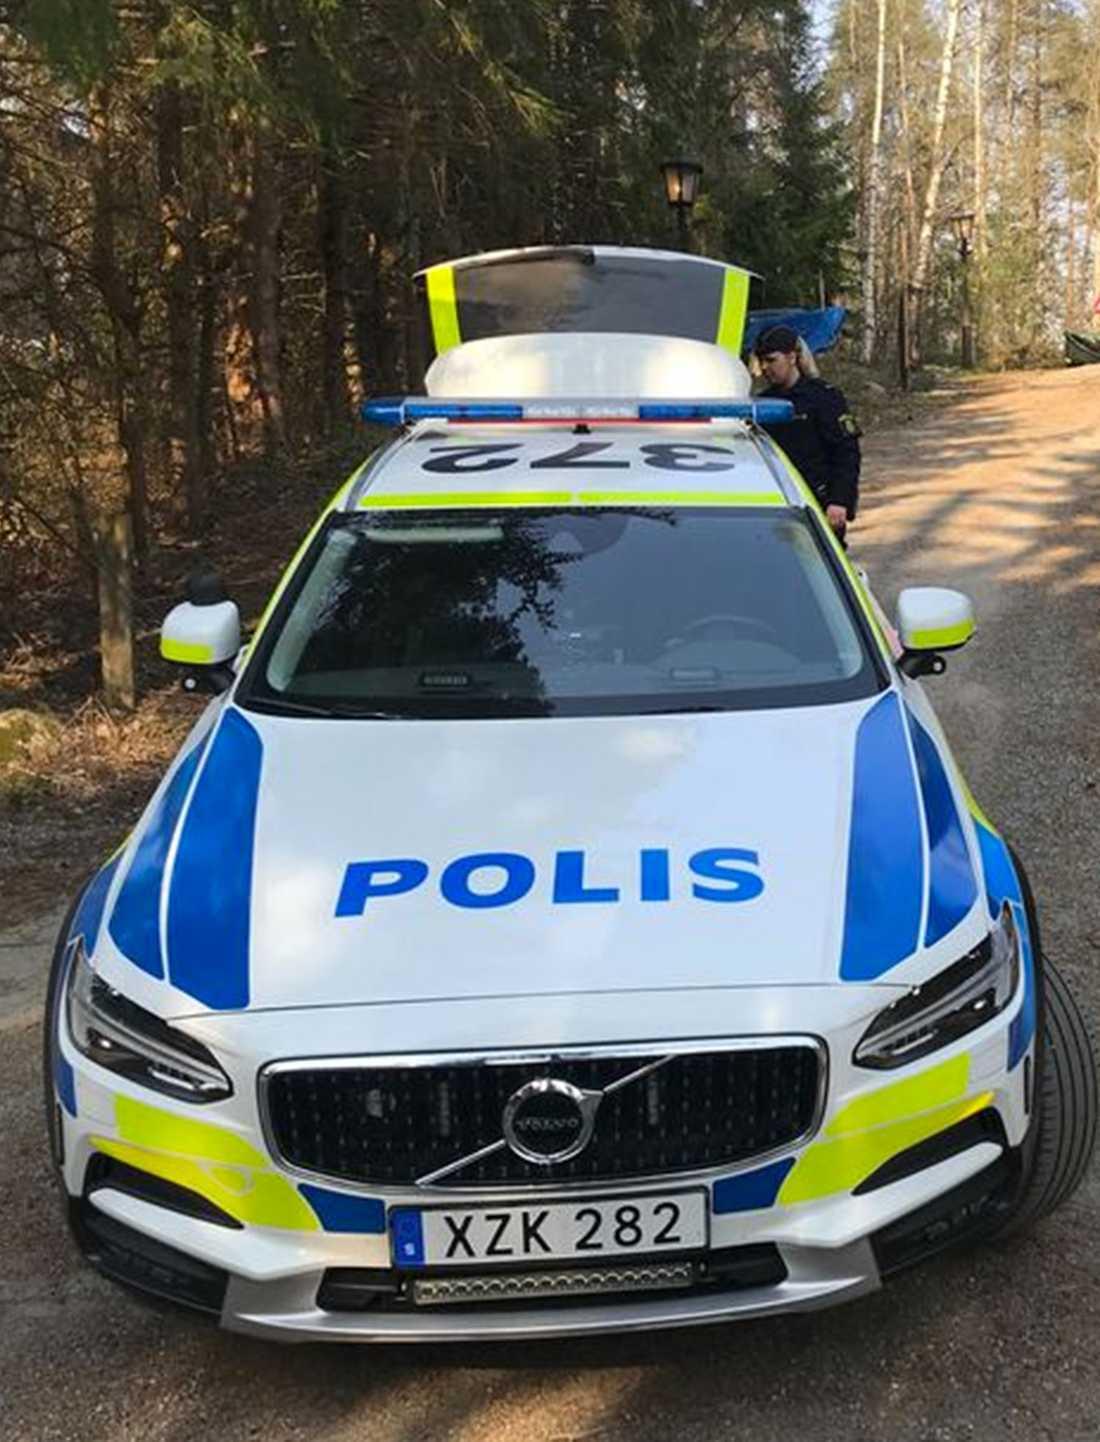 Polisinsatsen vid händelsen i april i år.